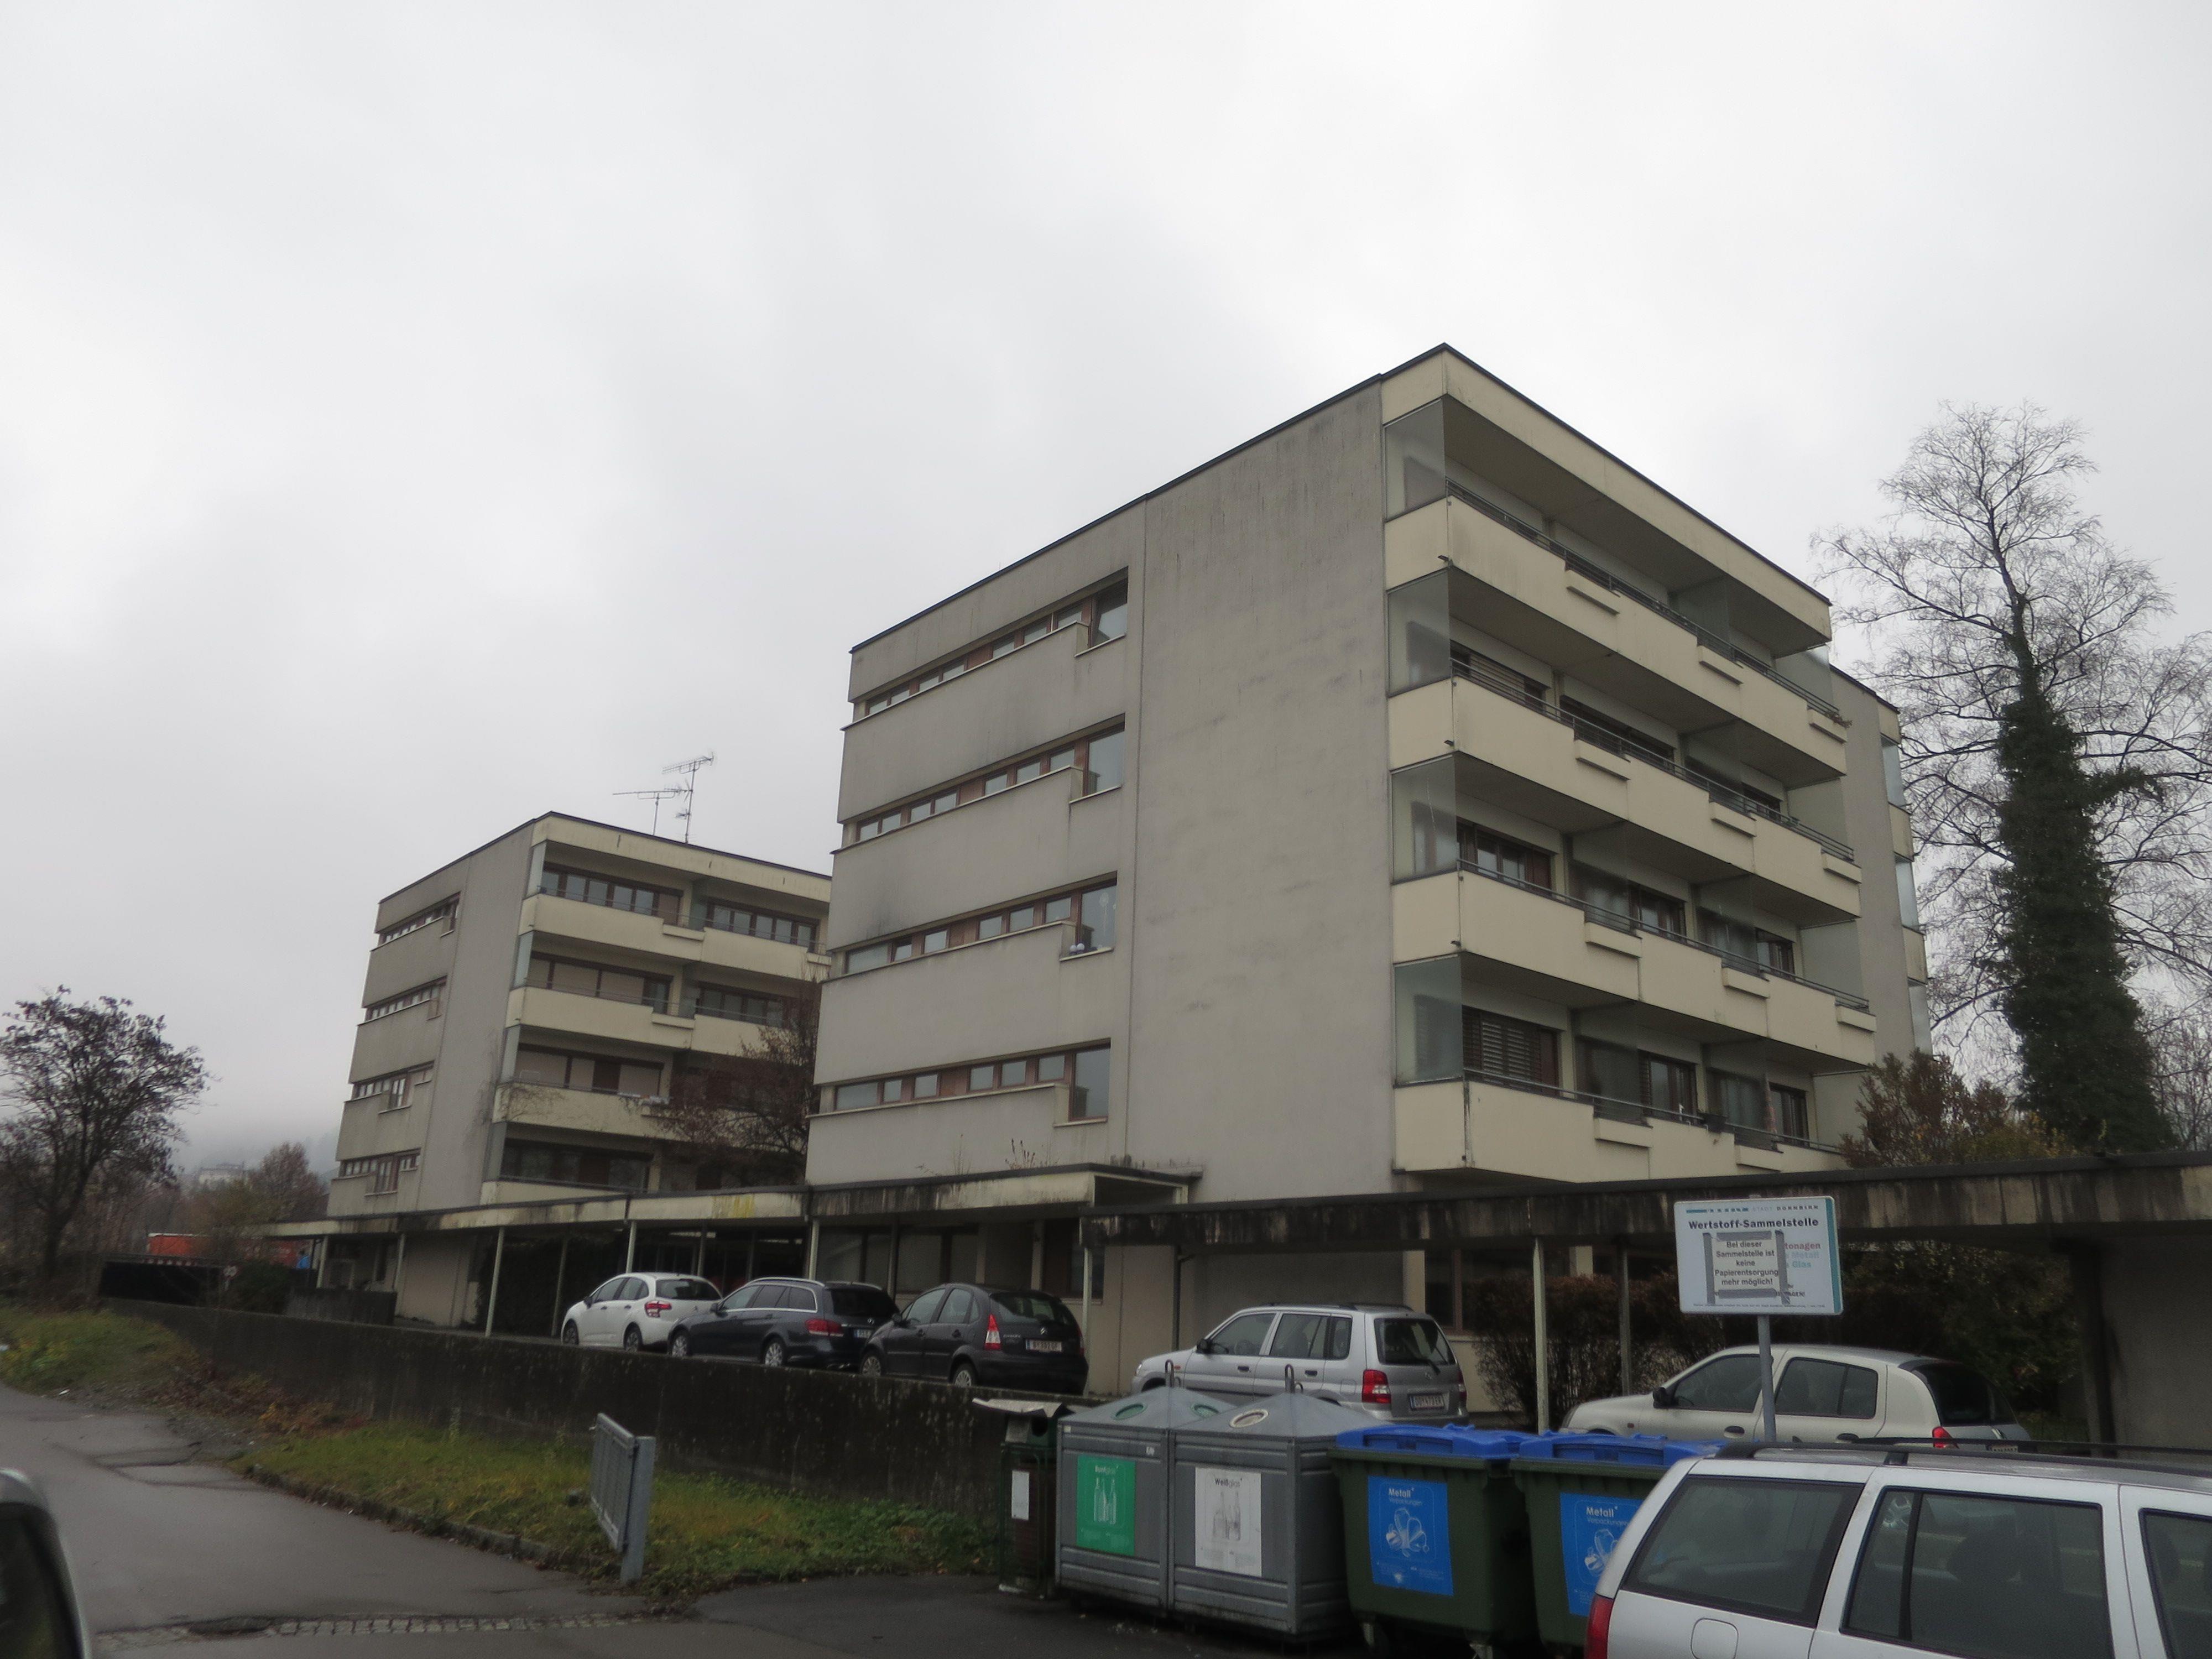 Die 50 Jahre alten Personalhäuser der Hinteren Achühlerstraße sind abbruchreif.